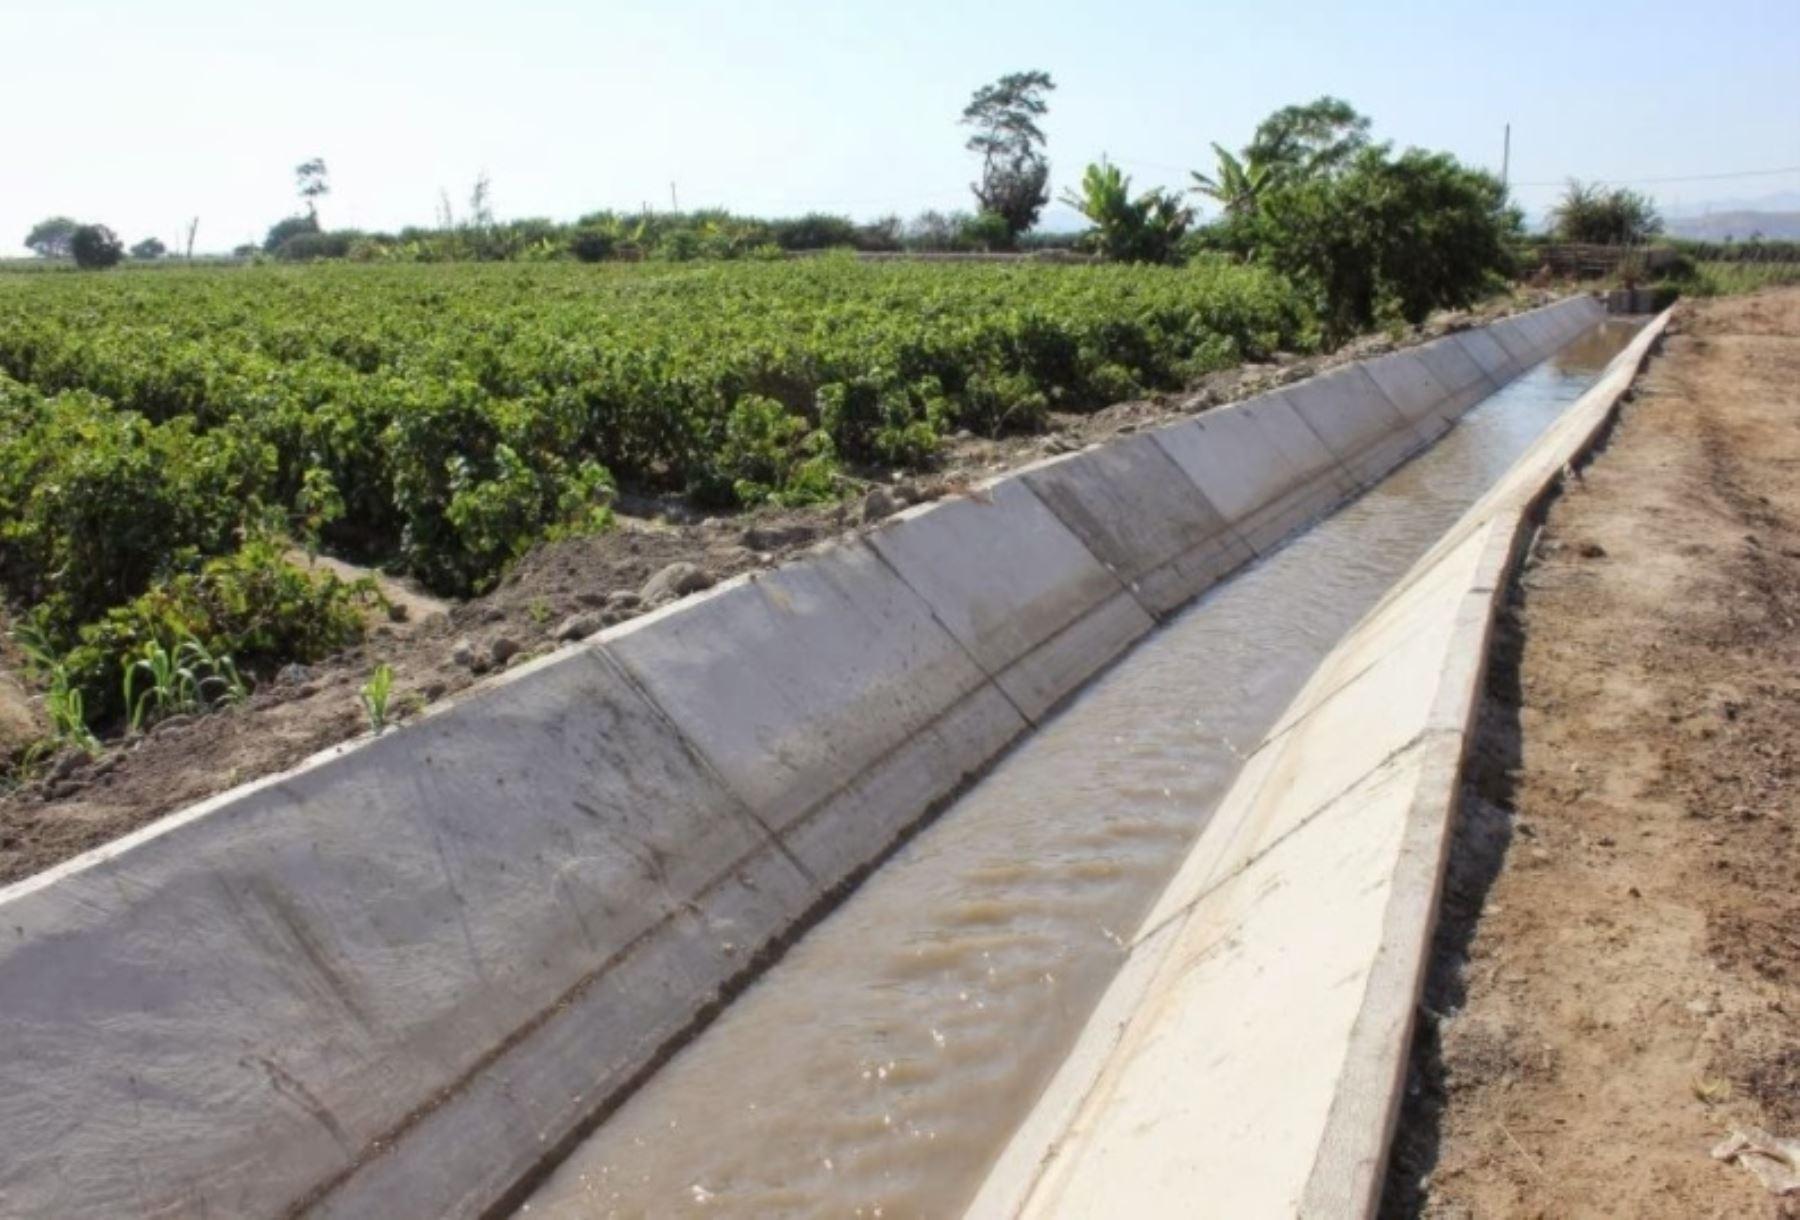 El ministro de Agricultura y Riego, José Manuel Hernández, informó hoy que en la región Piura se han rehabilitado hasta ahora más de 770 kilómetros y se proyecta superar los 990 kilómetros de canales de riego afectados por las lluvias, desbordes de ríos e inundaciones provocados por El Niño costero. ANDINA/Difusión